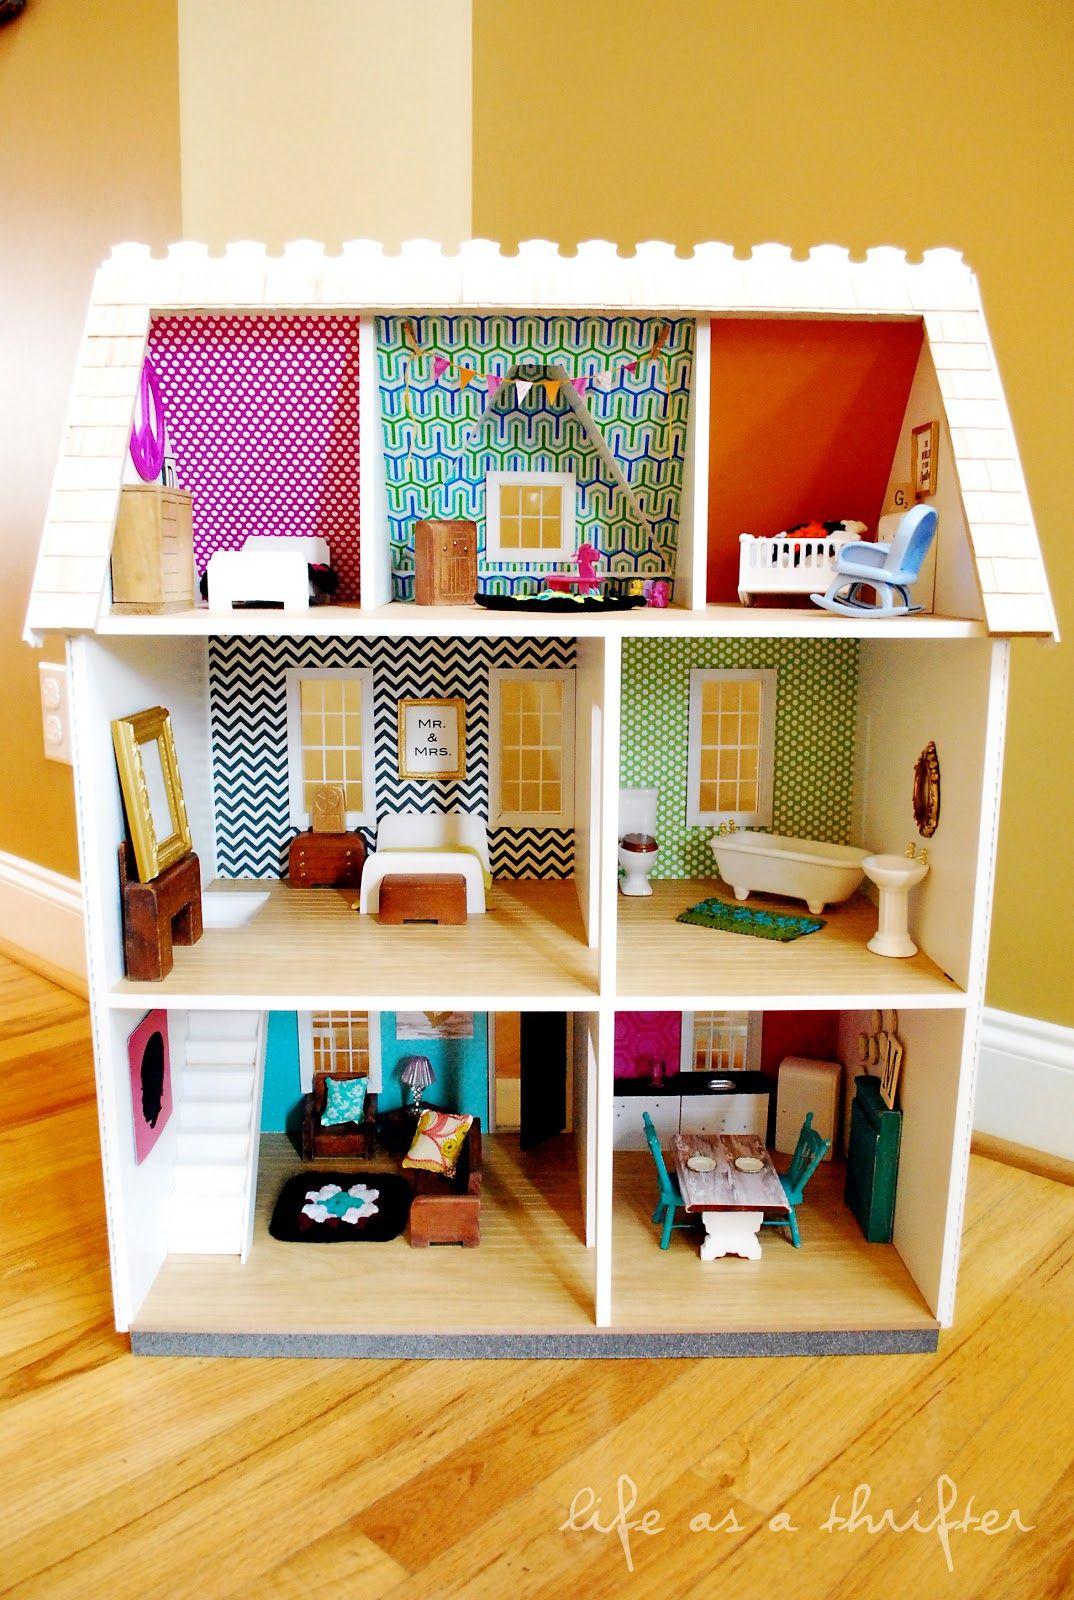 The Dollhouse Dollhouse Decorating Diy Dollhouse Doll House